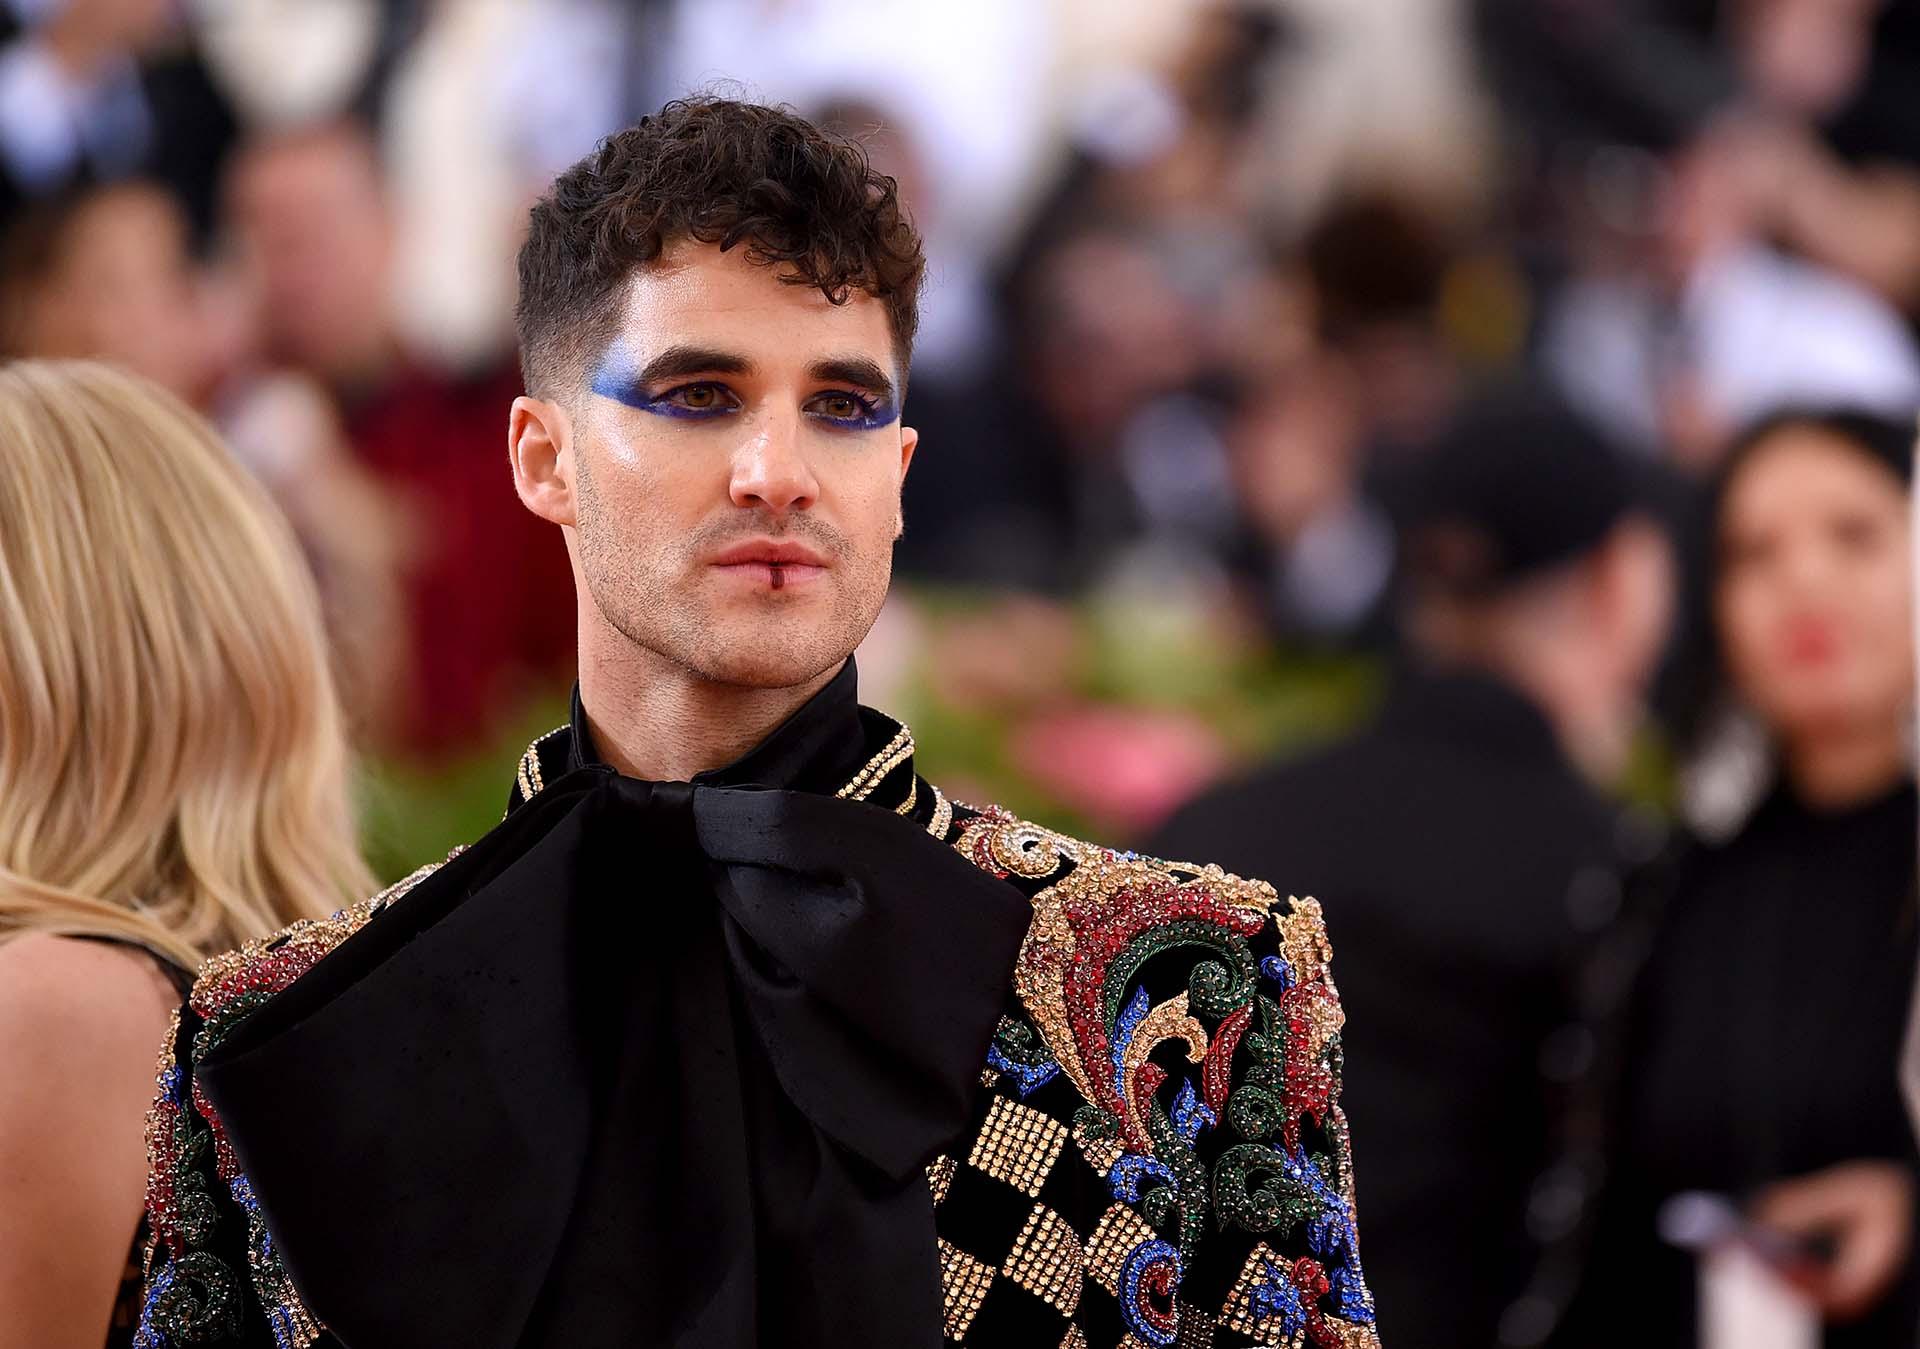 Darren Criss lo arriesgó todo con un maquillaje osado de sombra de ojos en tonalidades azules y un outfit Balmain